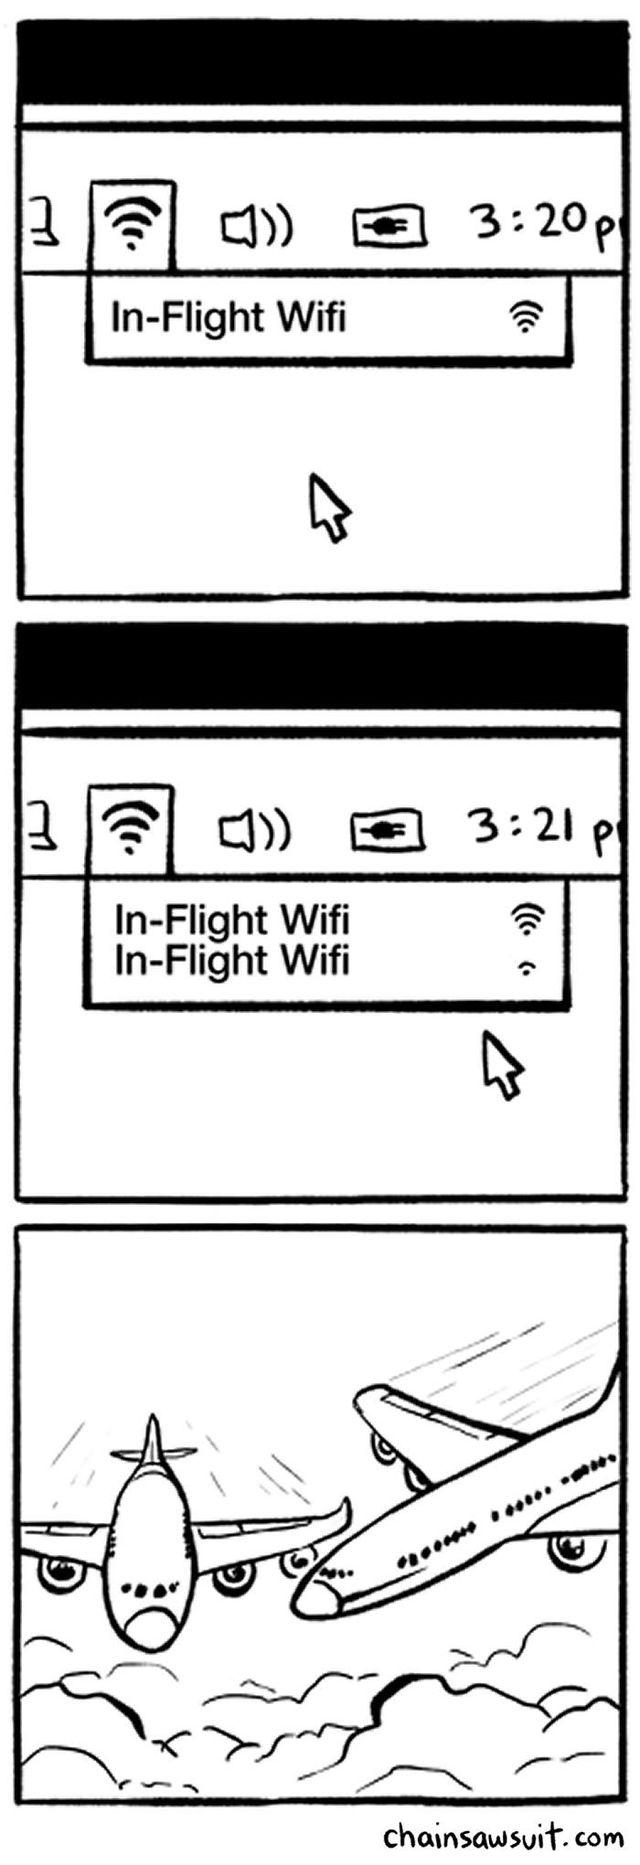 2-signaux-wifi-dans-lavion